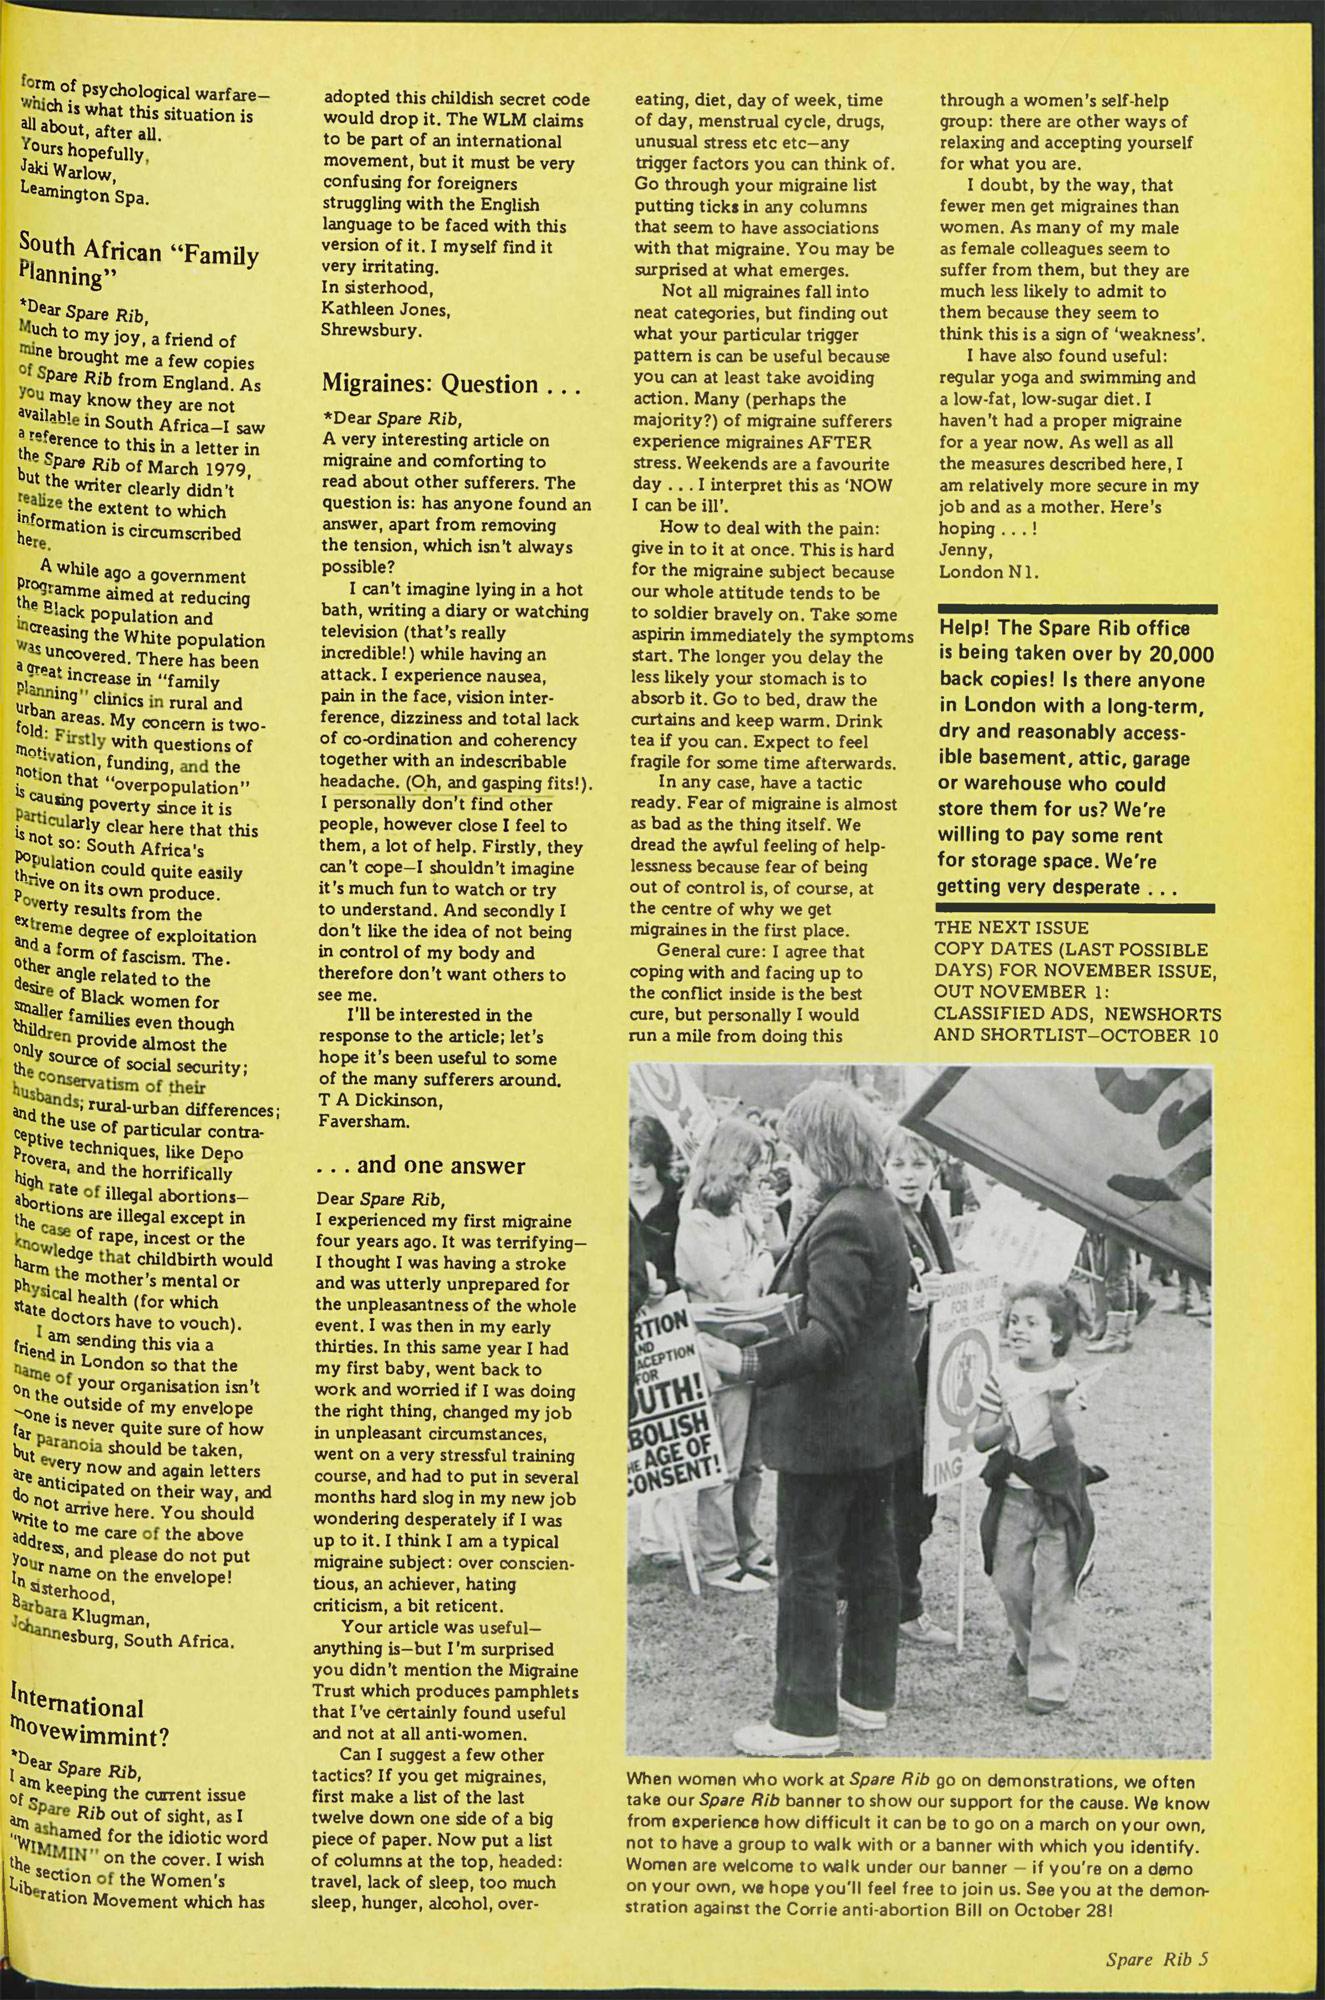 Spare Rib magazine issue 87 p. 5